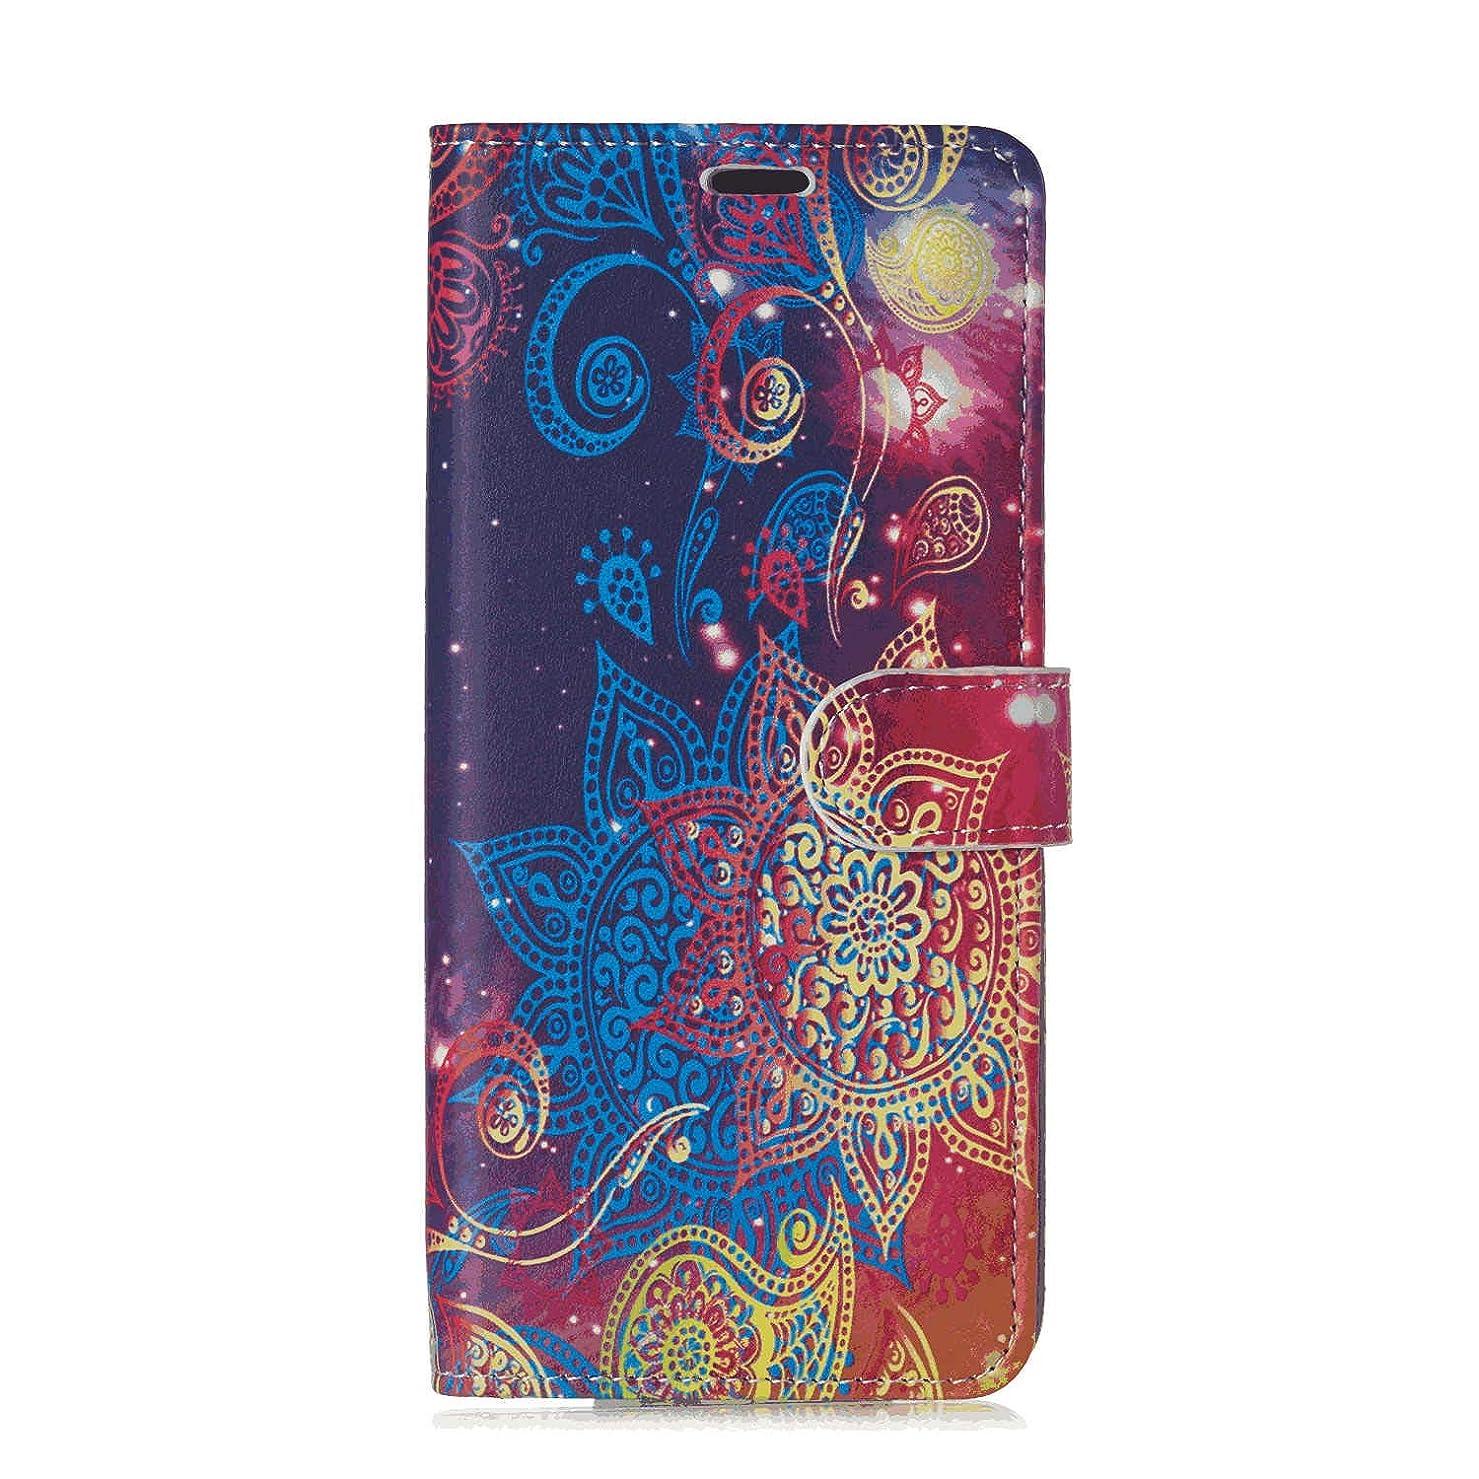 錆び再生的継承iPhone 7 PUレザー ケース, 手帳型 ケース 本革 カバー収納 高級 ビジネス 携帯ケース 財布 手帳型ケース iPhone アイフォン 7 レザーケース